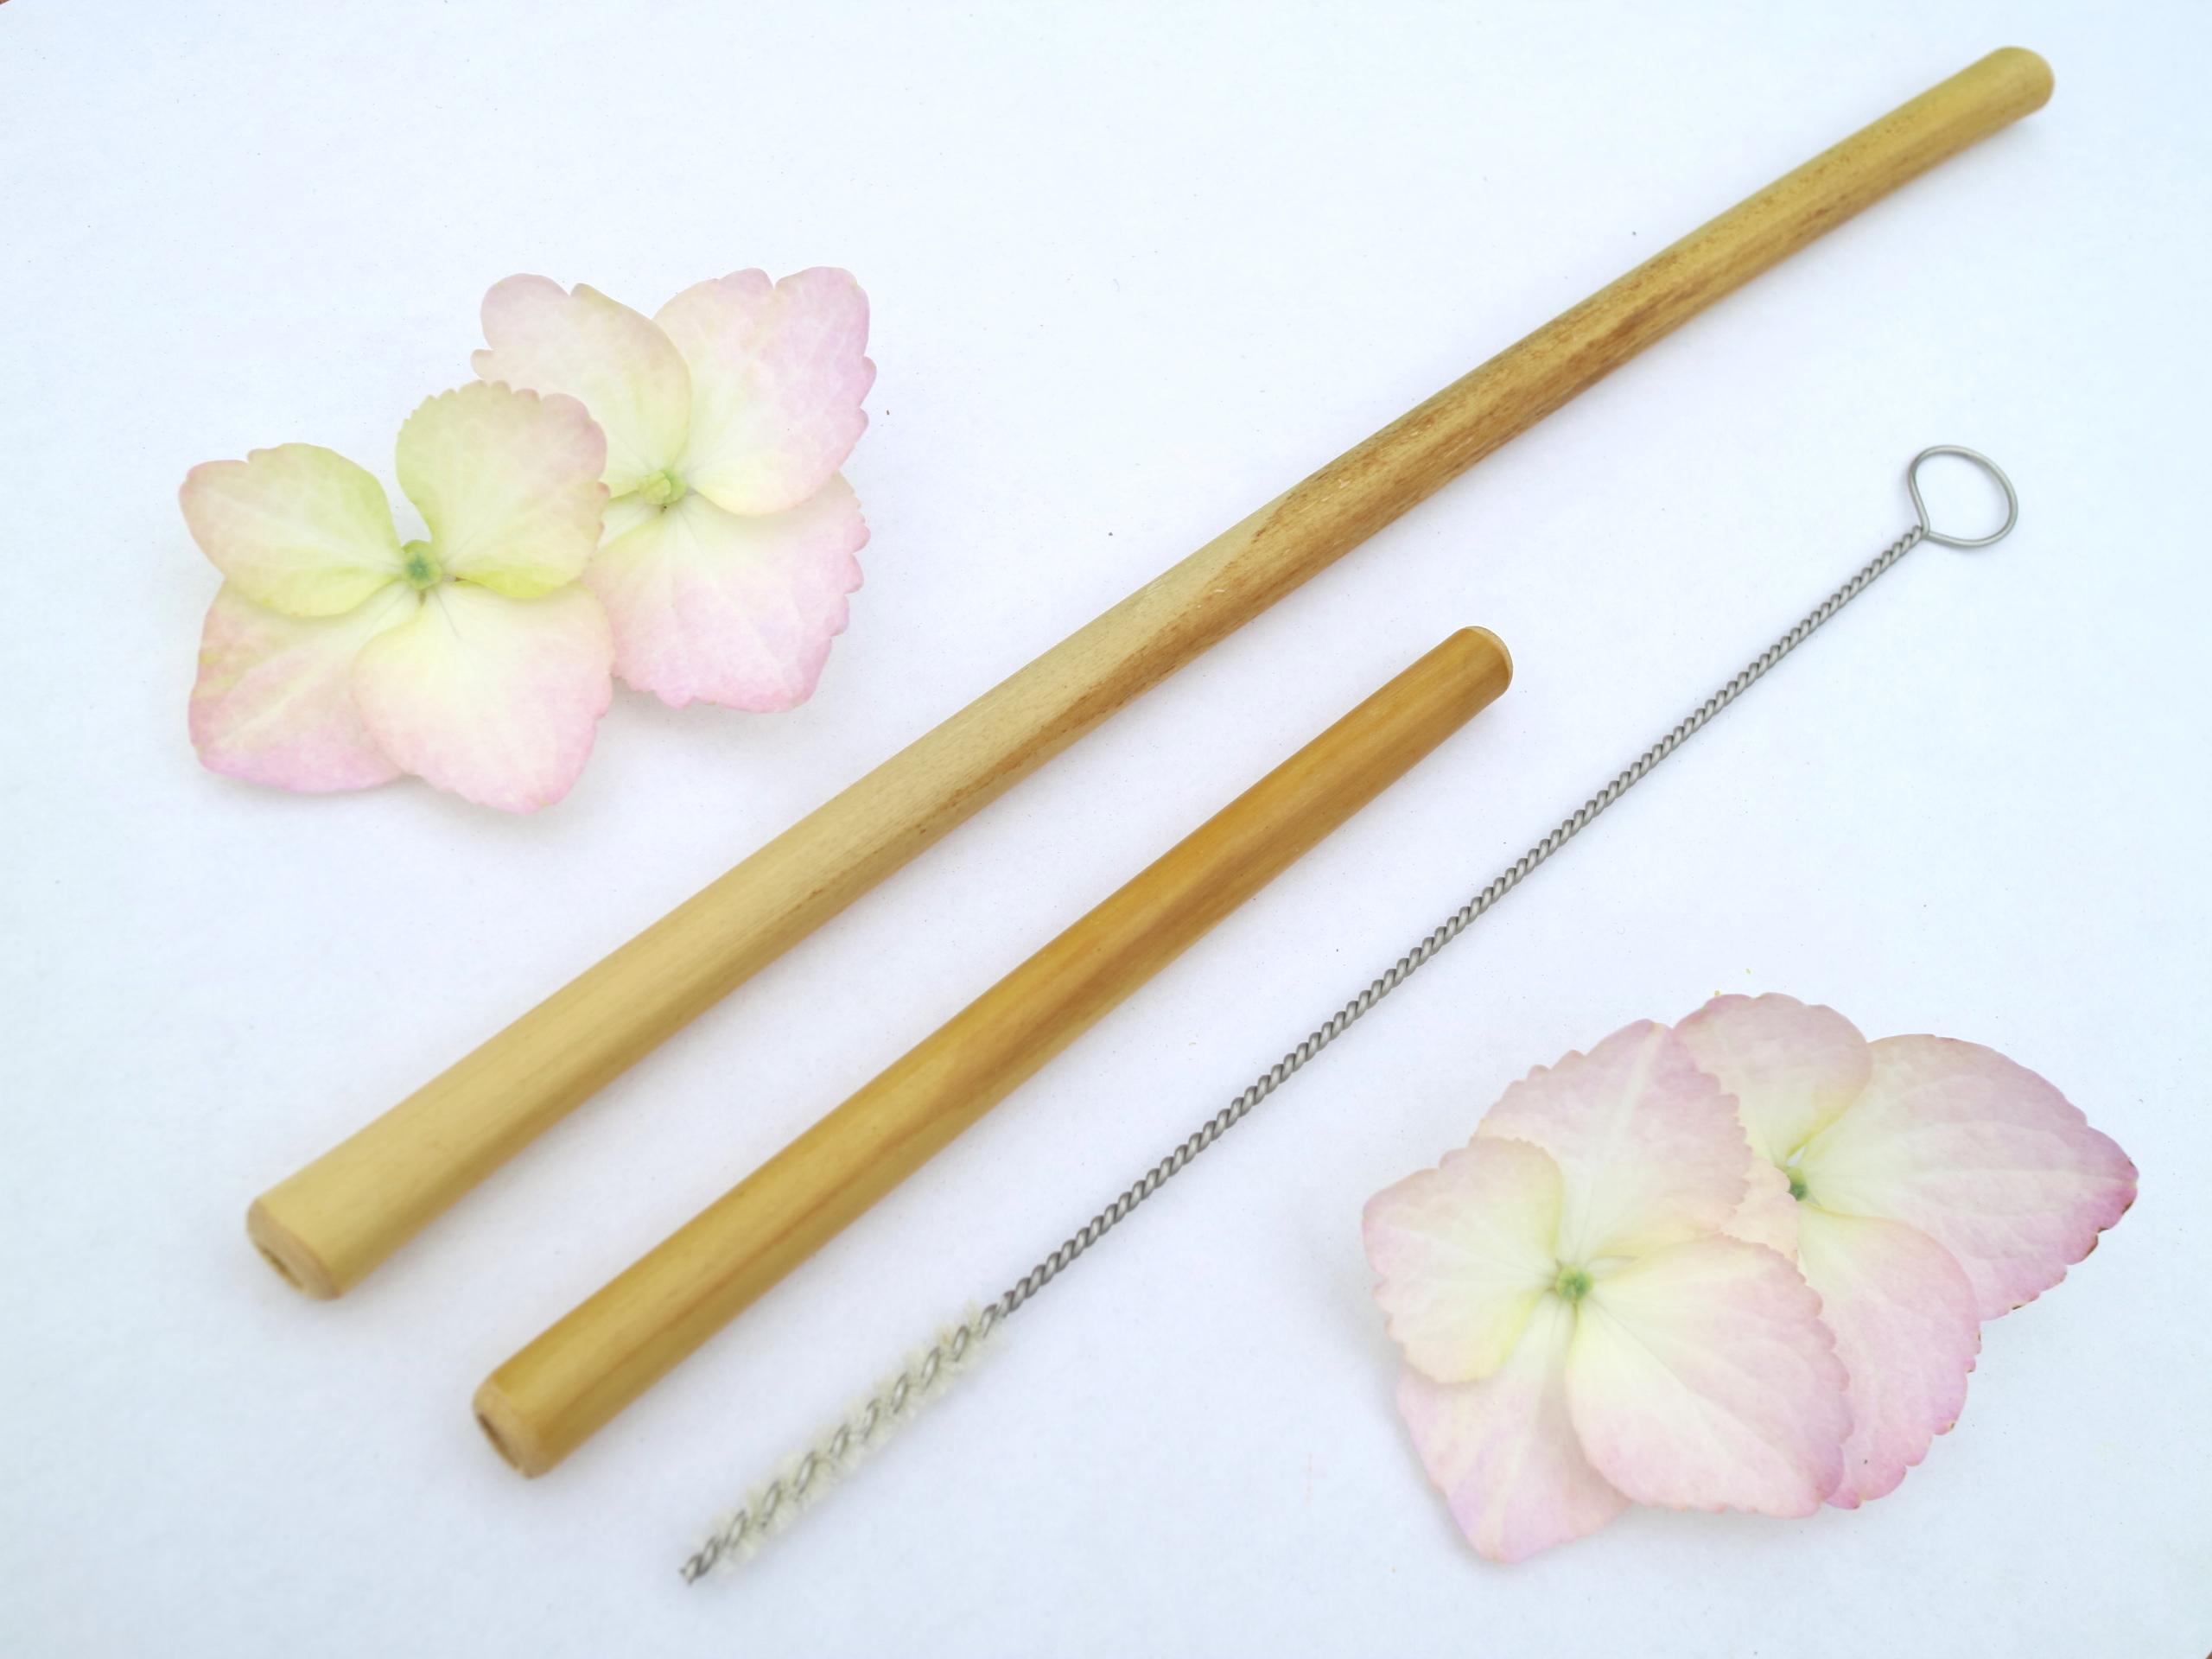 親子竹ストロー20cm・10cm(2本とブラシセット)